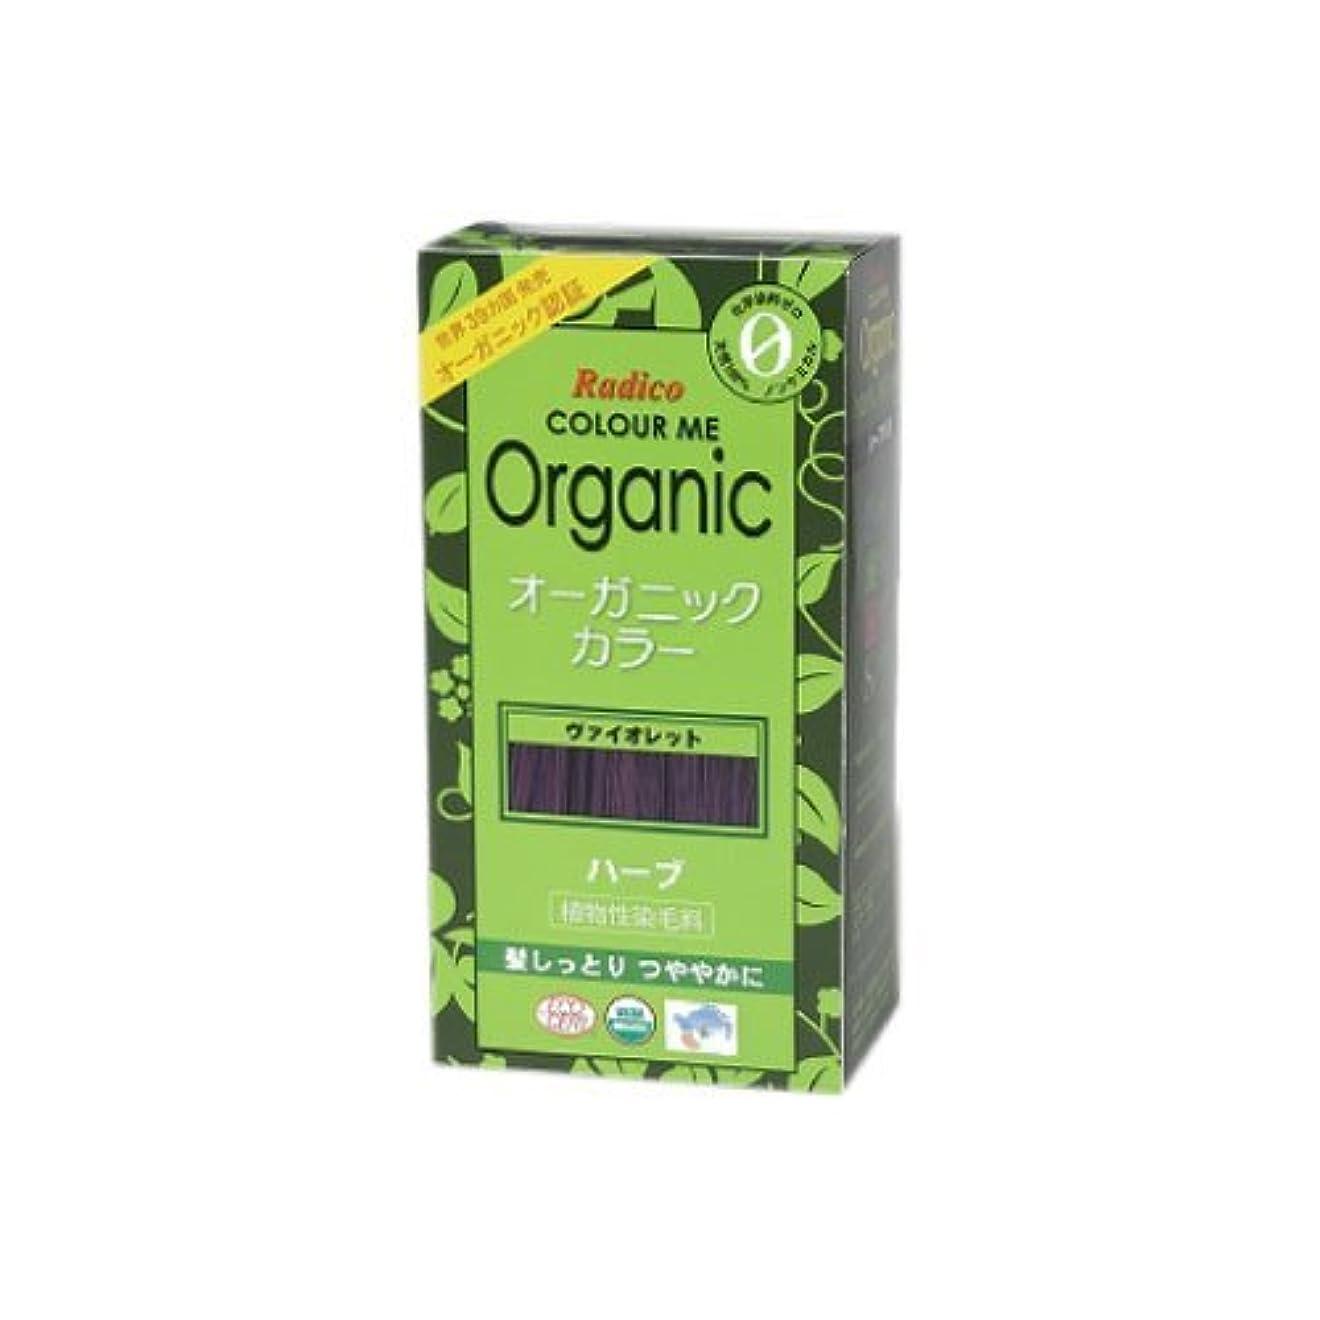 ベッツィトロットウッド外交官運ぶCOLOURME Organic (カラーミーオーガニック ヘナ 白髪用 紫色) ヴァイオレット 100g